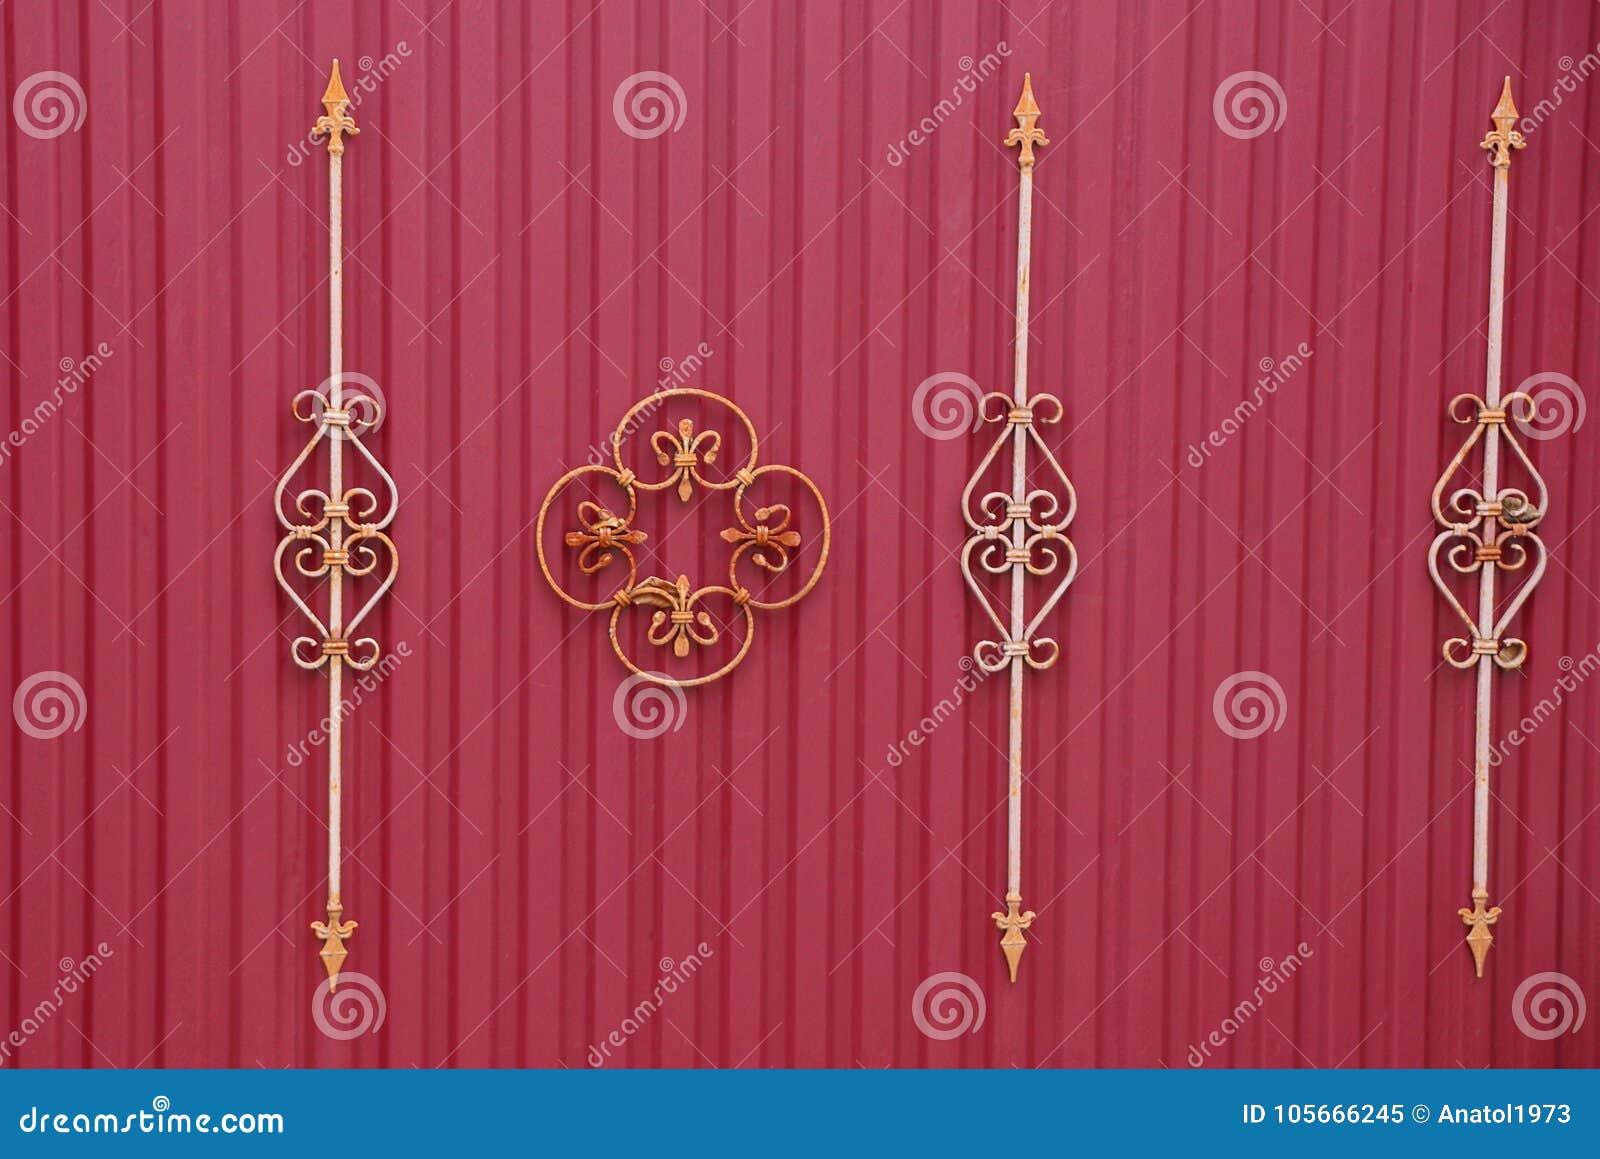 Часть красной загородки с выкованными барами и красивой картиной